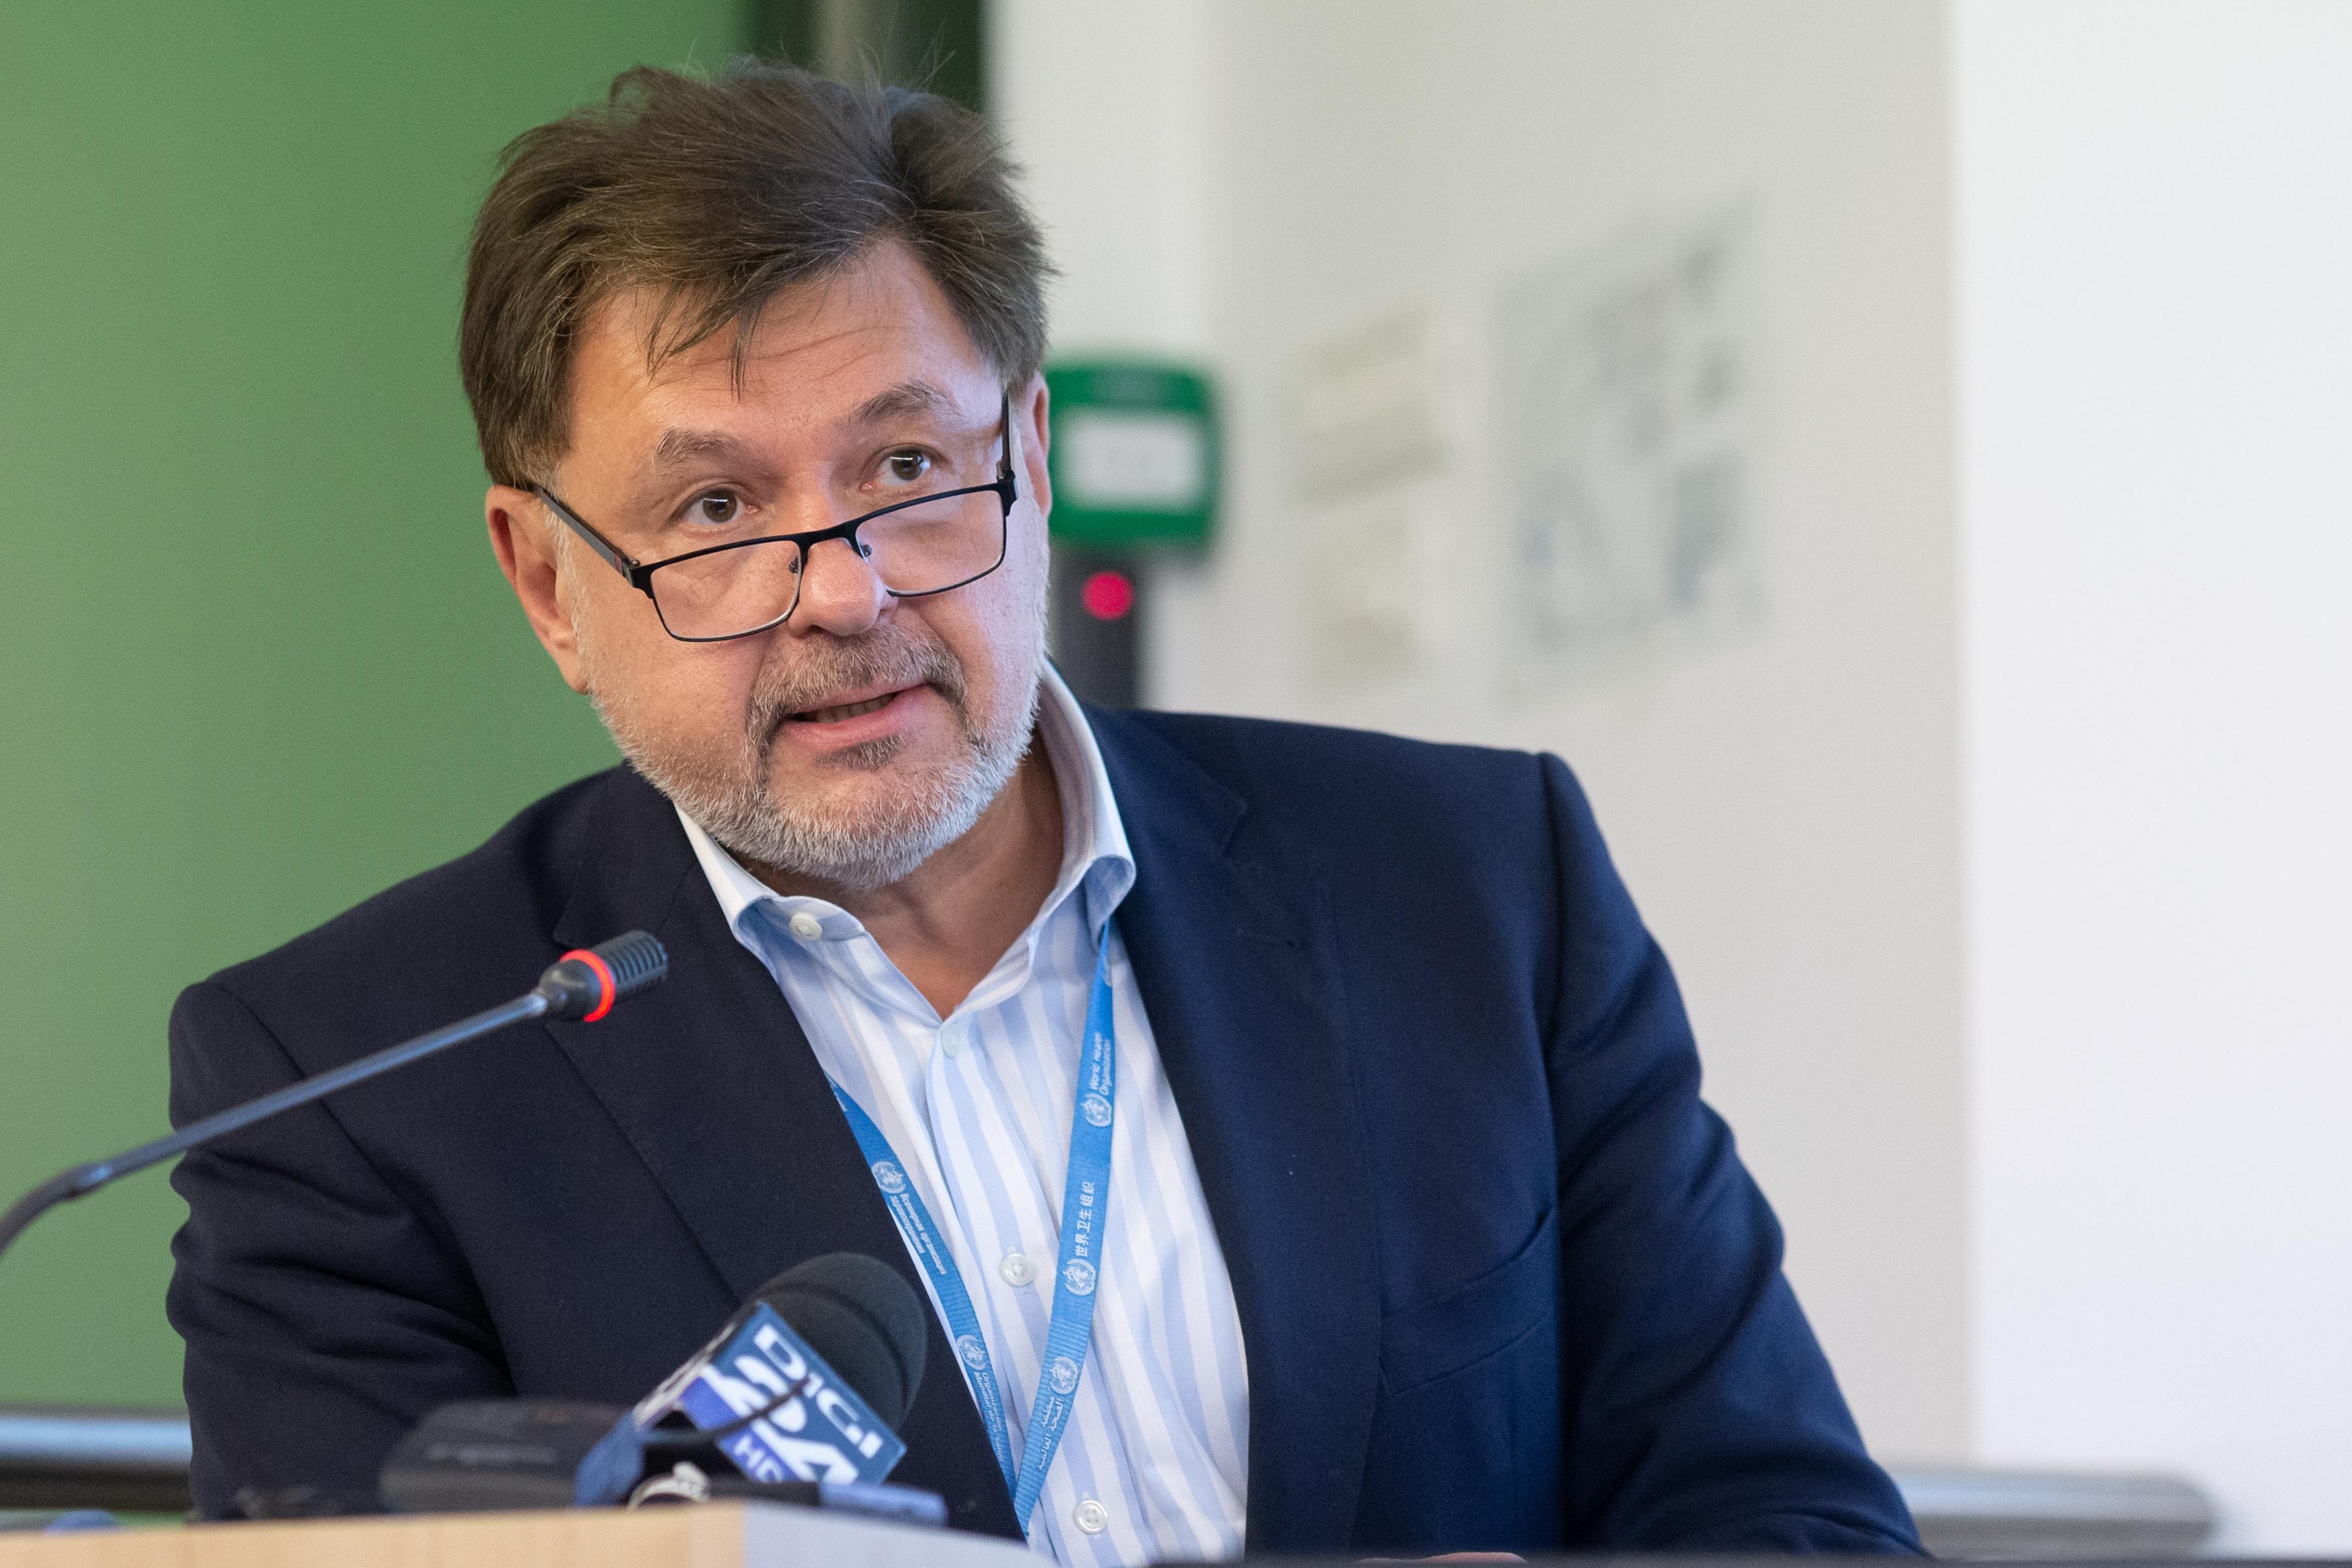 Alexandru Rafila: In urmatoarele saptamani ne asteptam sa avem o crestere mai rapida a cazurilor de terapie intensiva si a mortalitatii